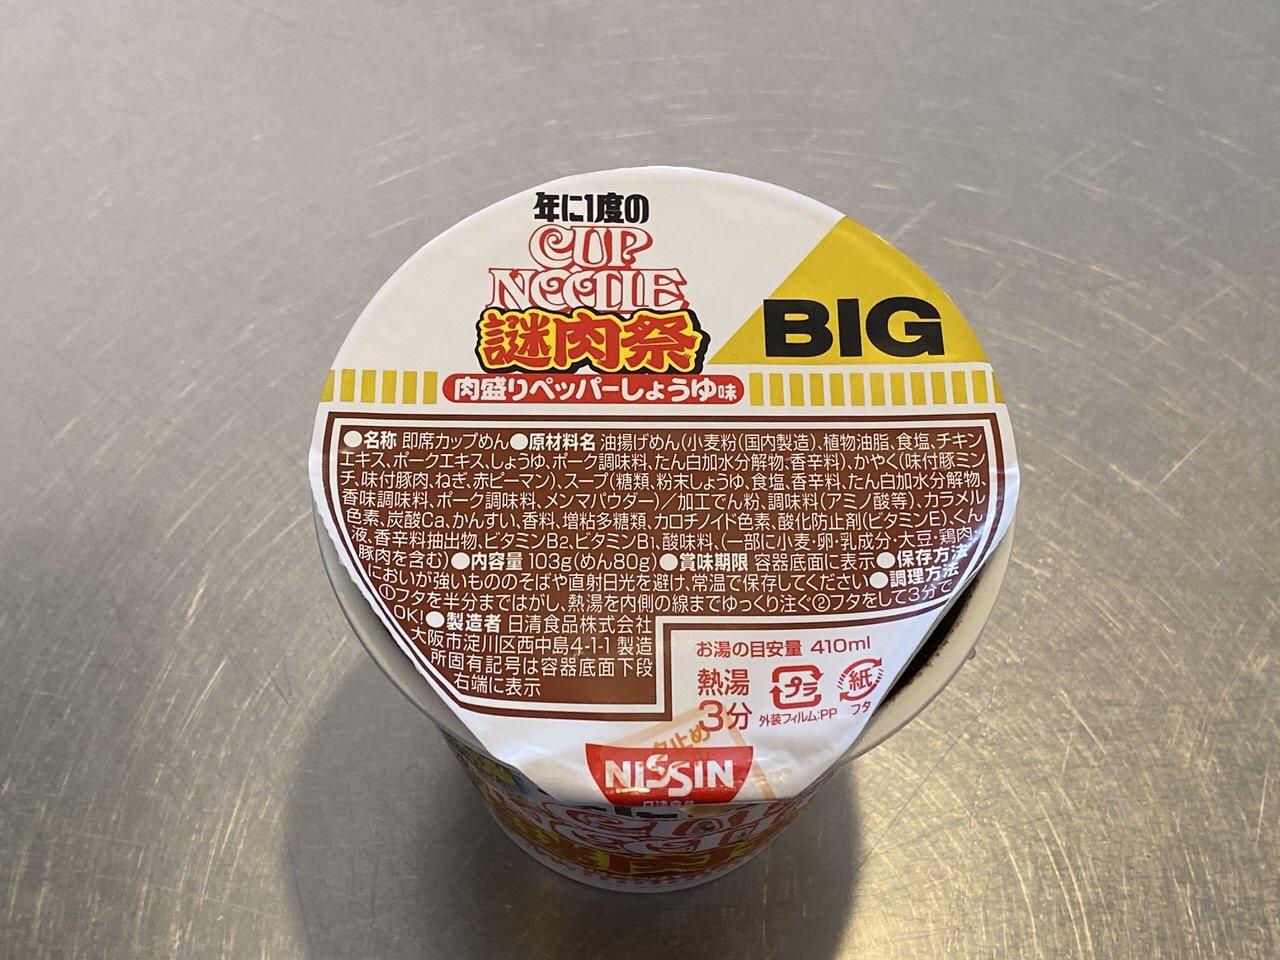 「カップヌードル ビッグ 謎肉祭」4